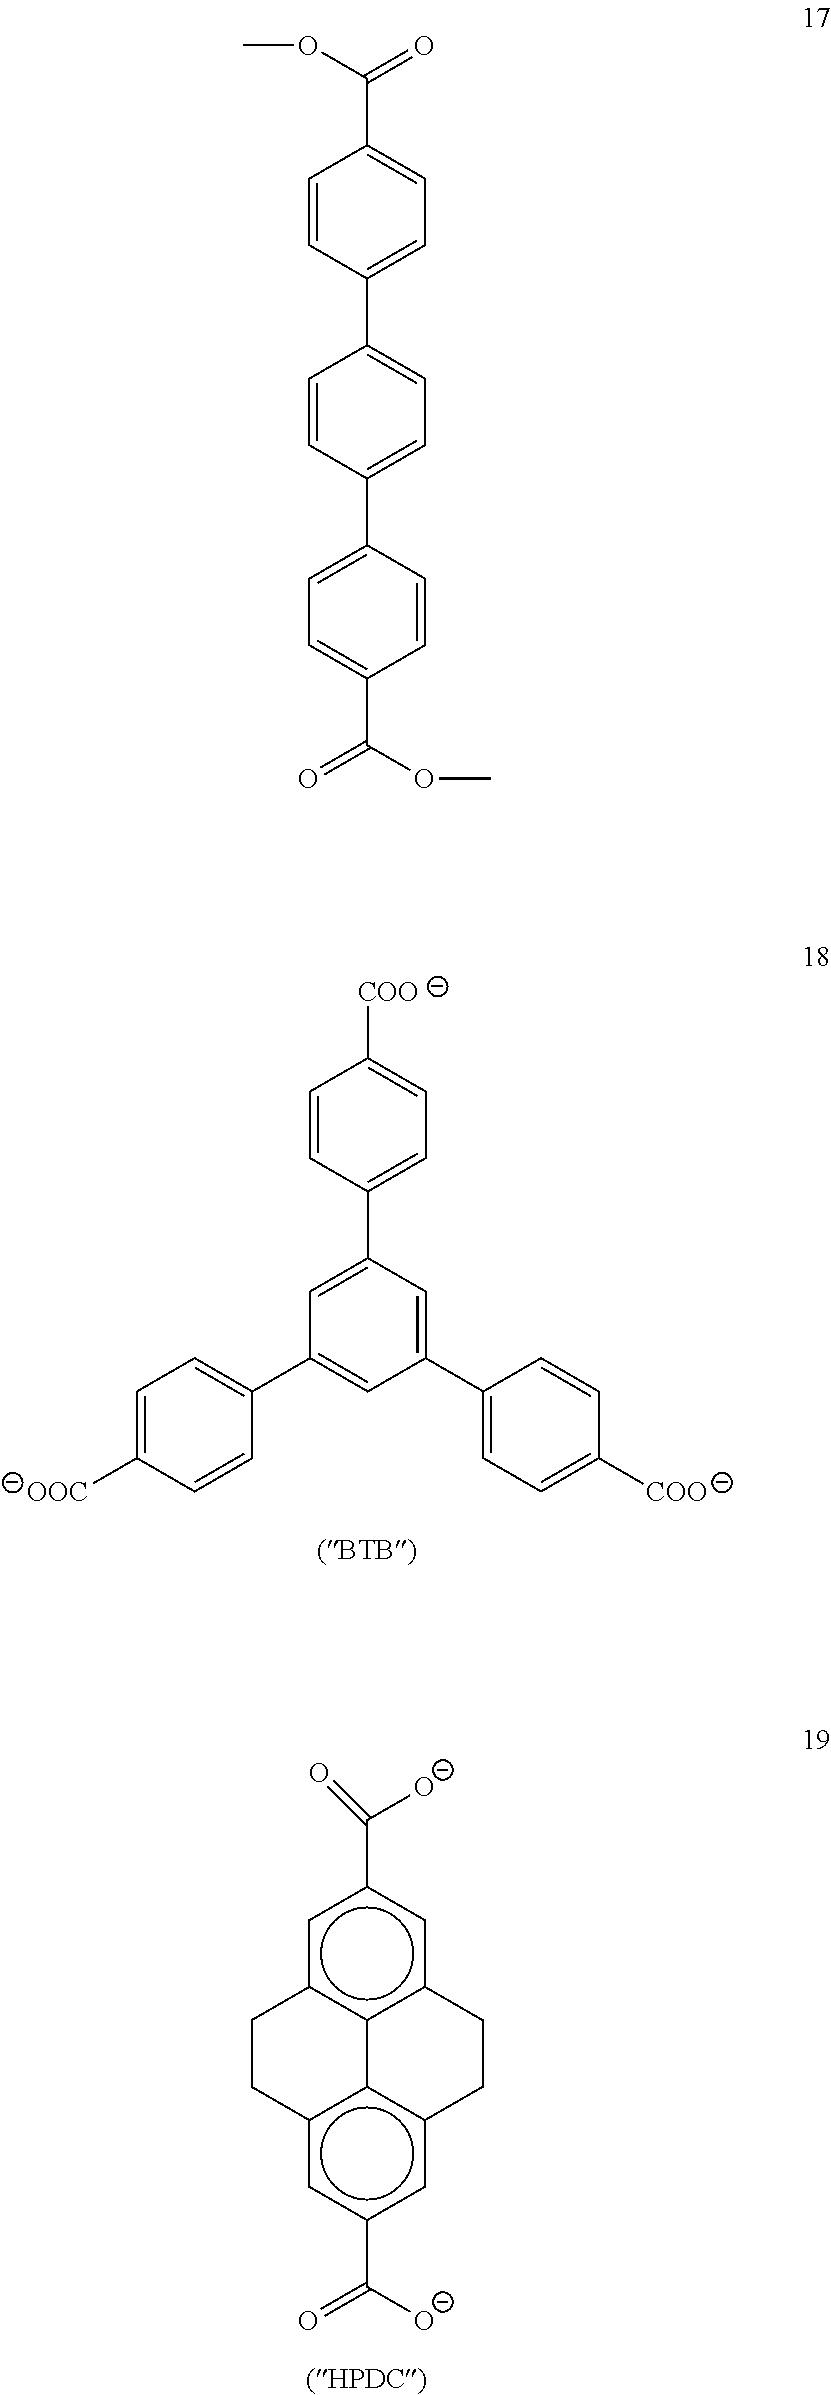 Figure US20180201629A1-20180719-C00004